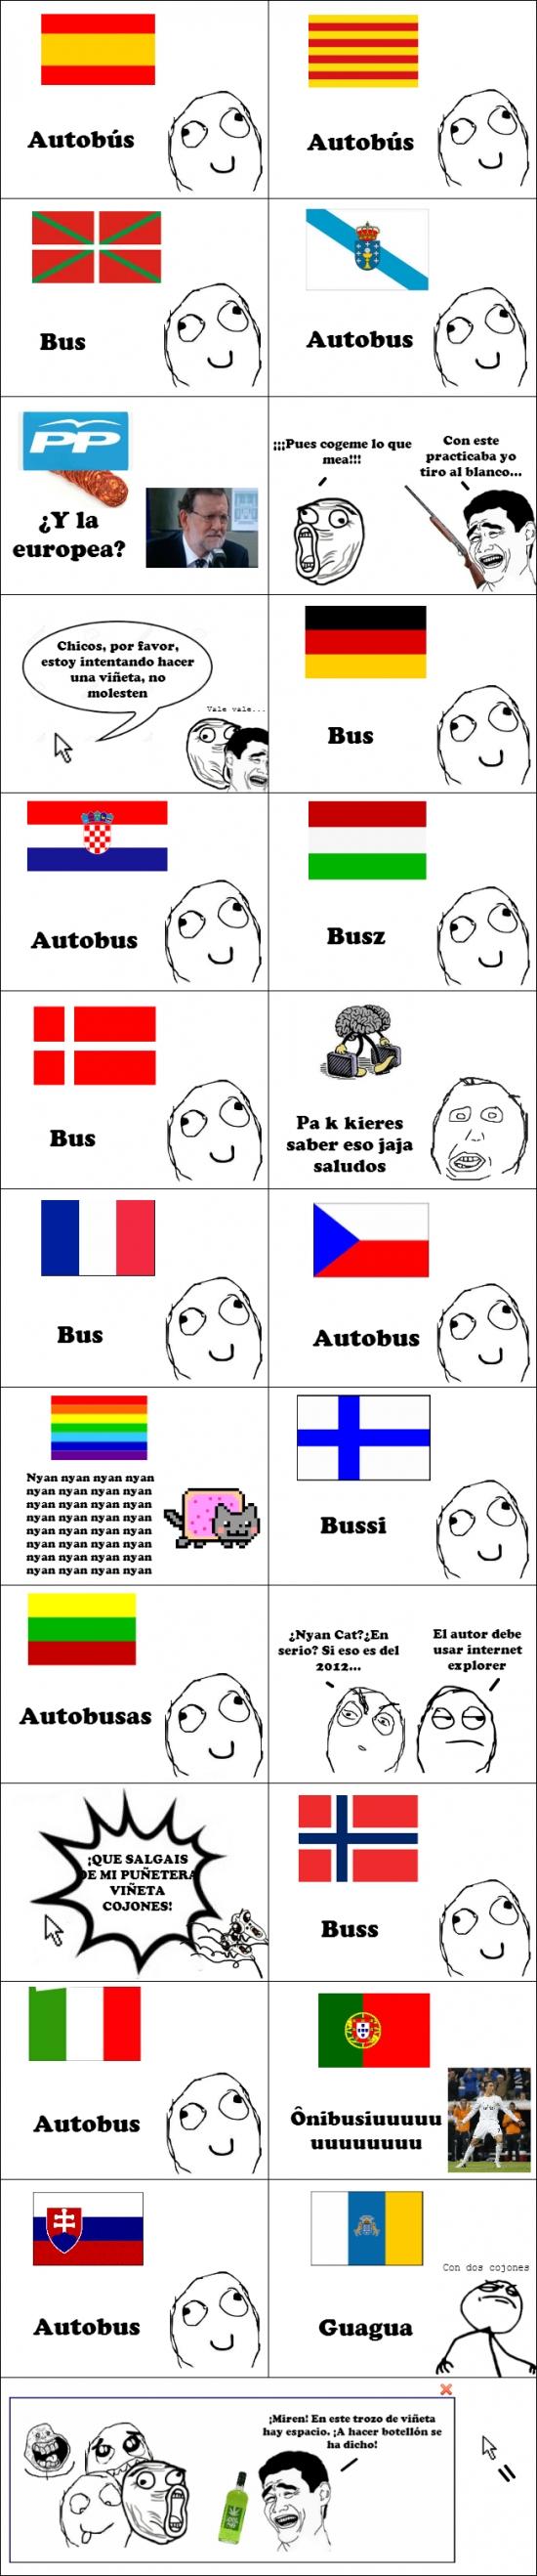 Fuck_yea - Así se dice autobús en diferentes idiomas